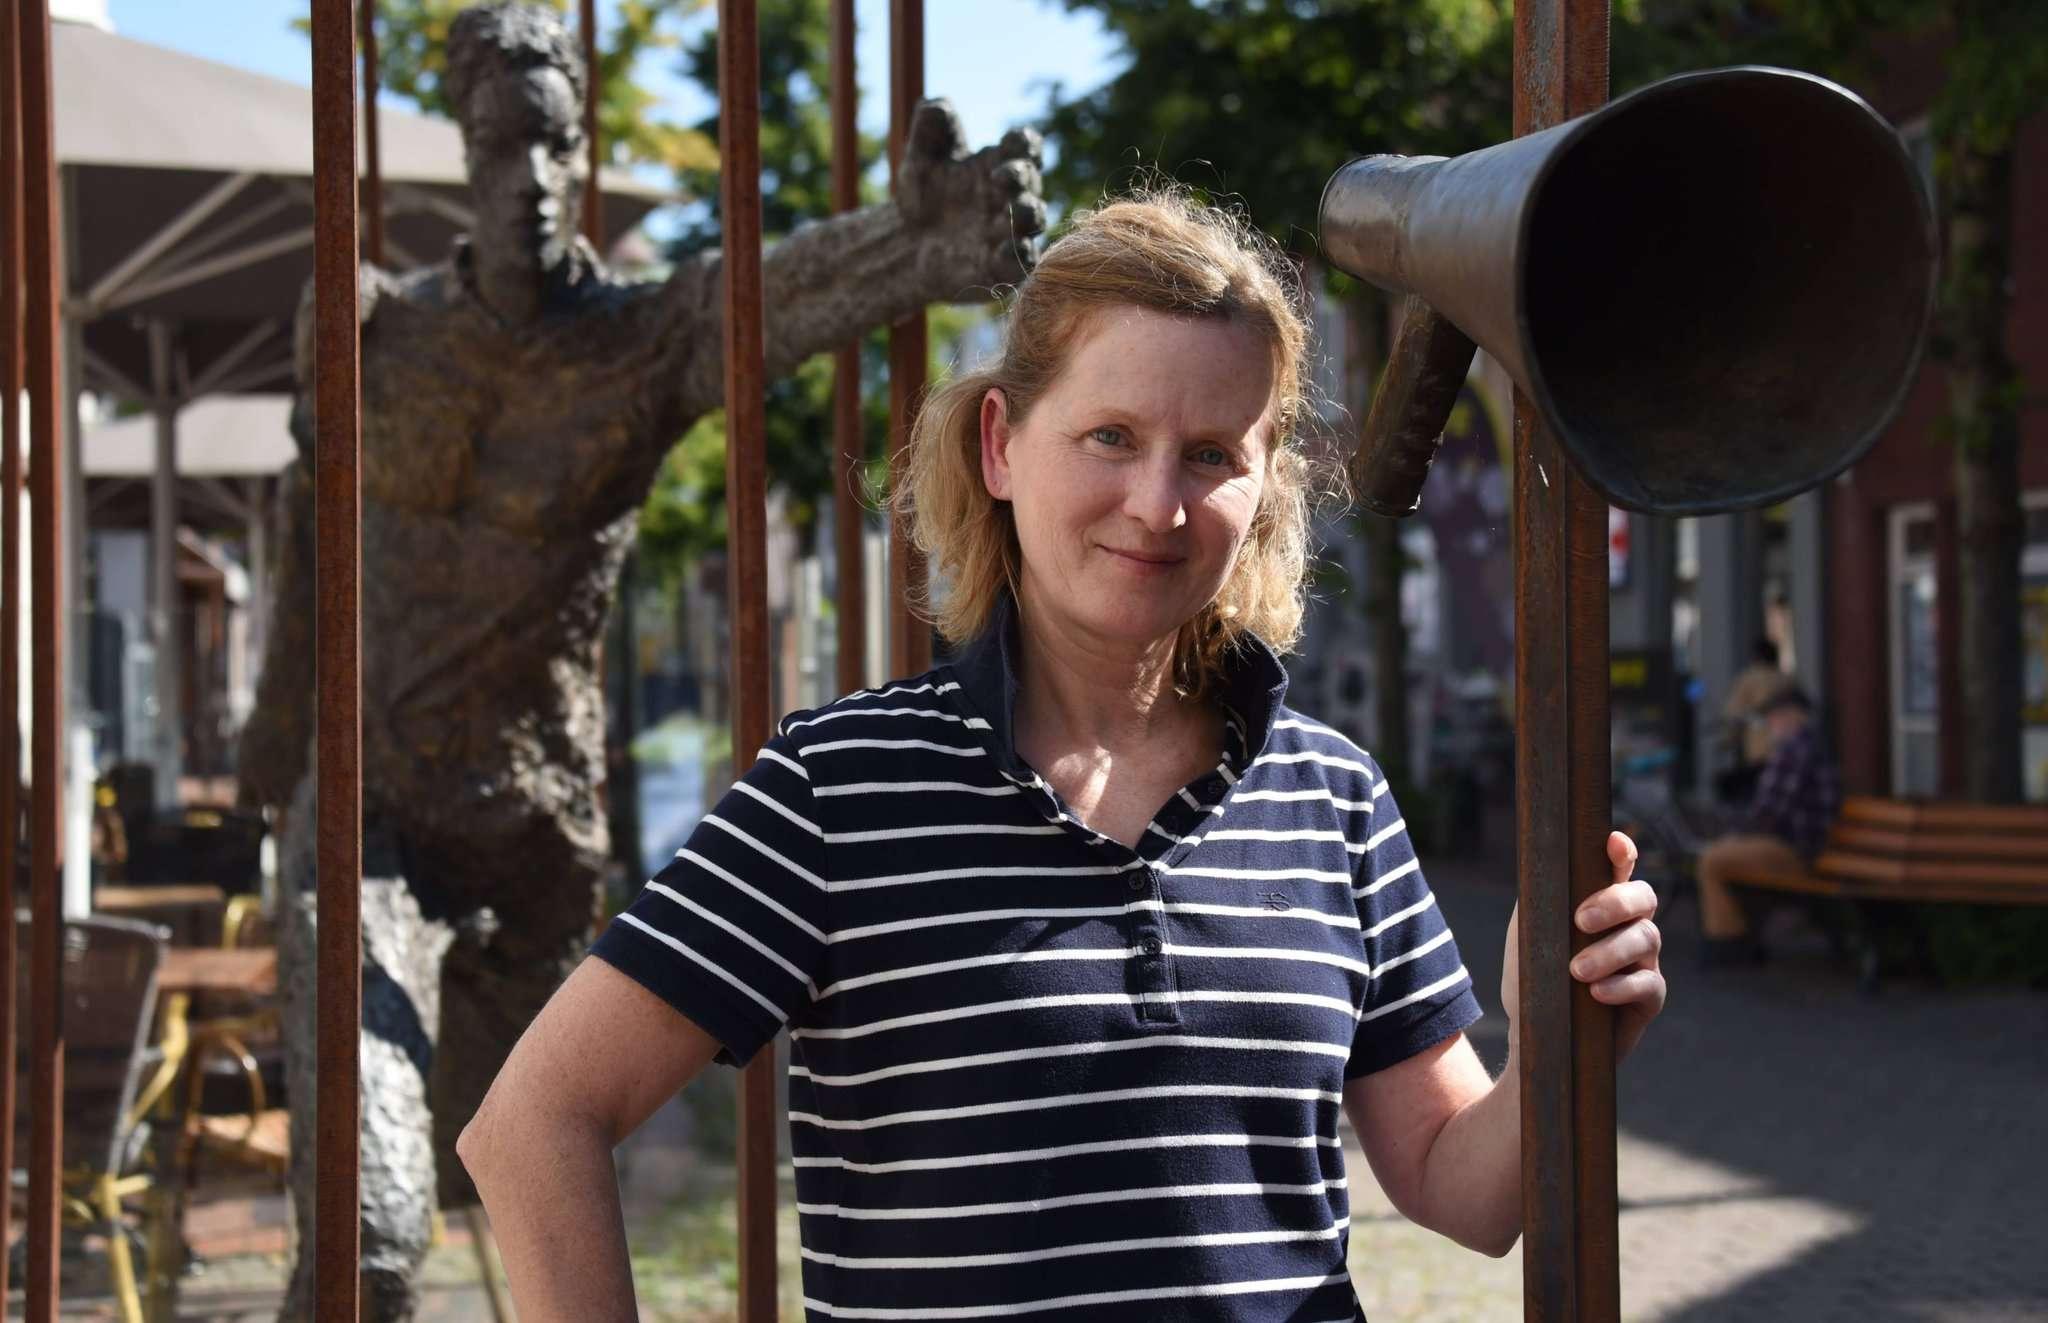 Helga Fiebach, Übungsleiterin Kneipp-Verein Rotenburg, kennt sich aus mit Prävention im Gesundheitssport. Sie leitet den Kurs